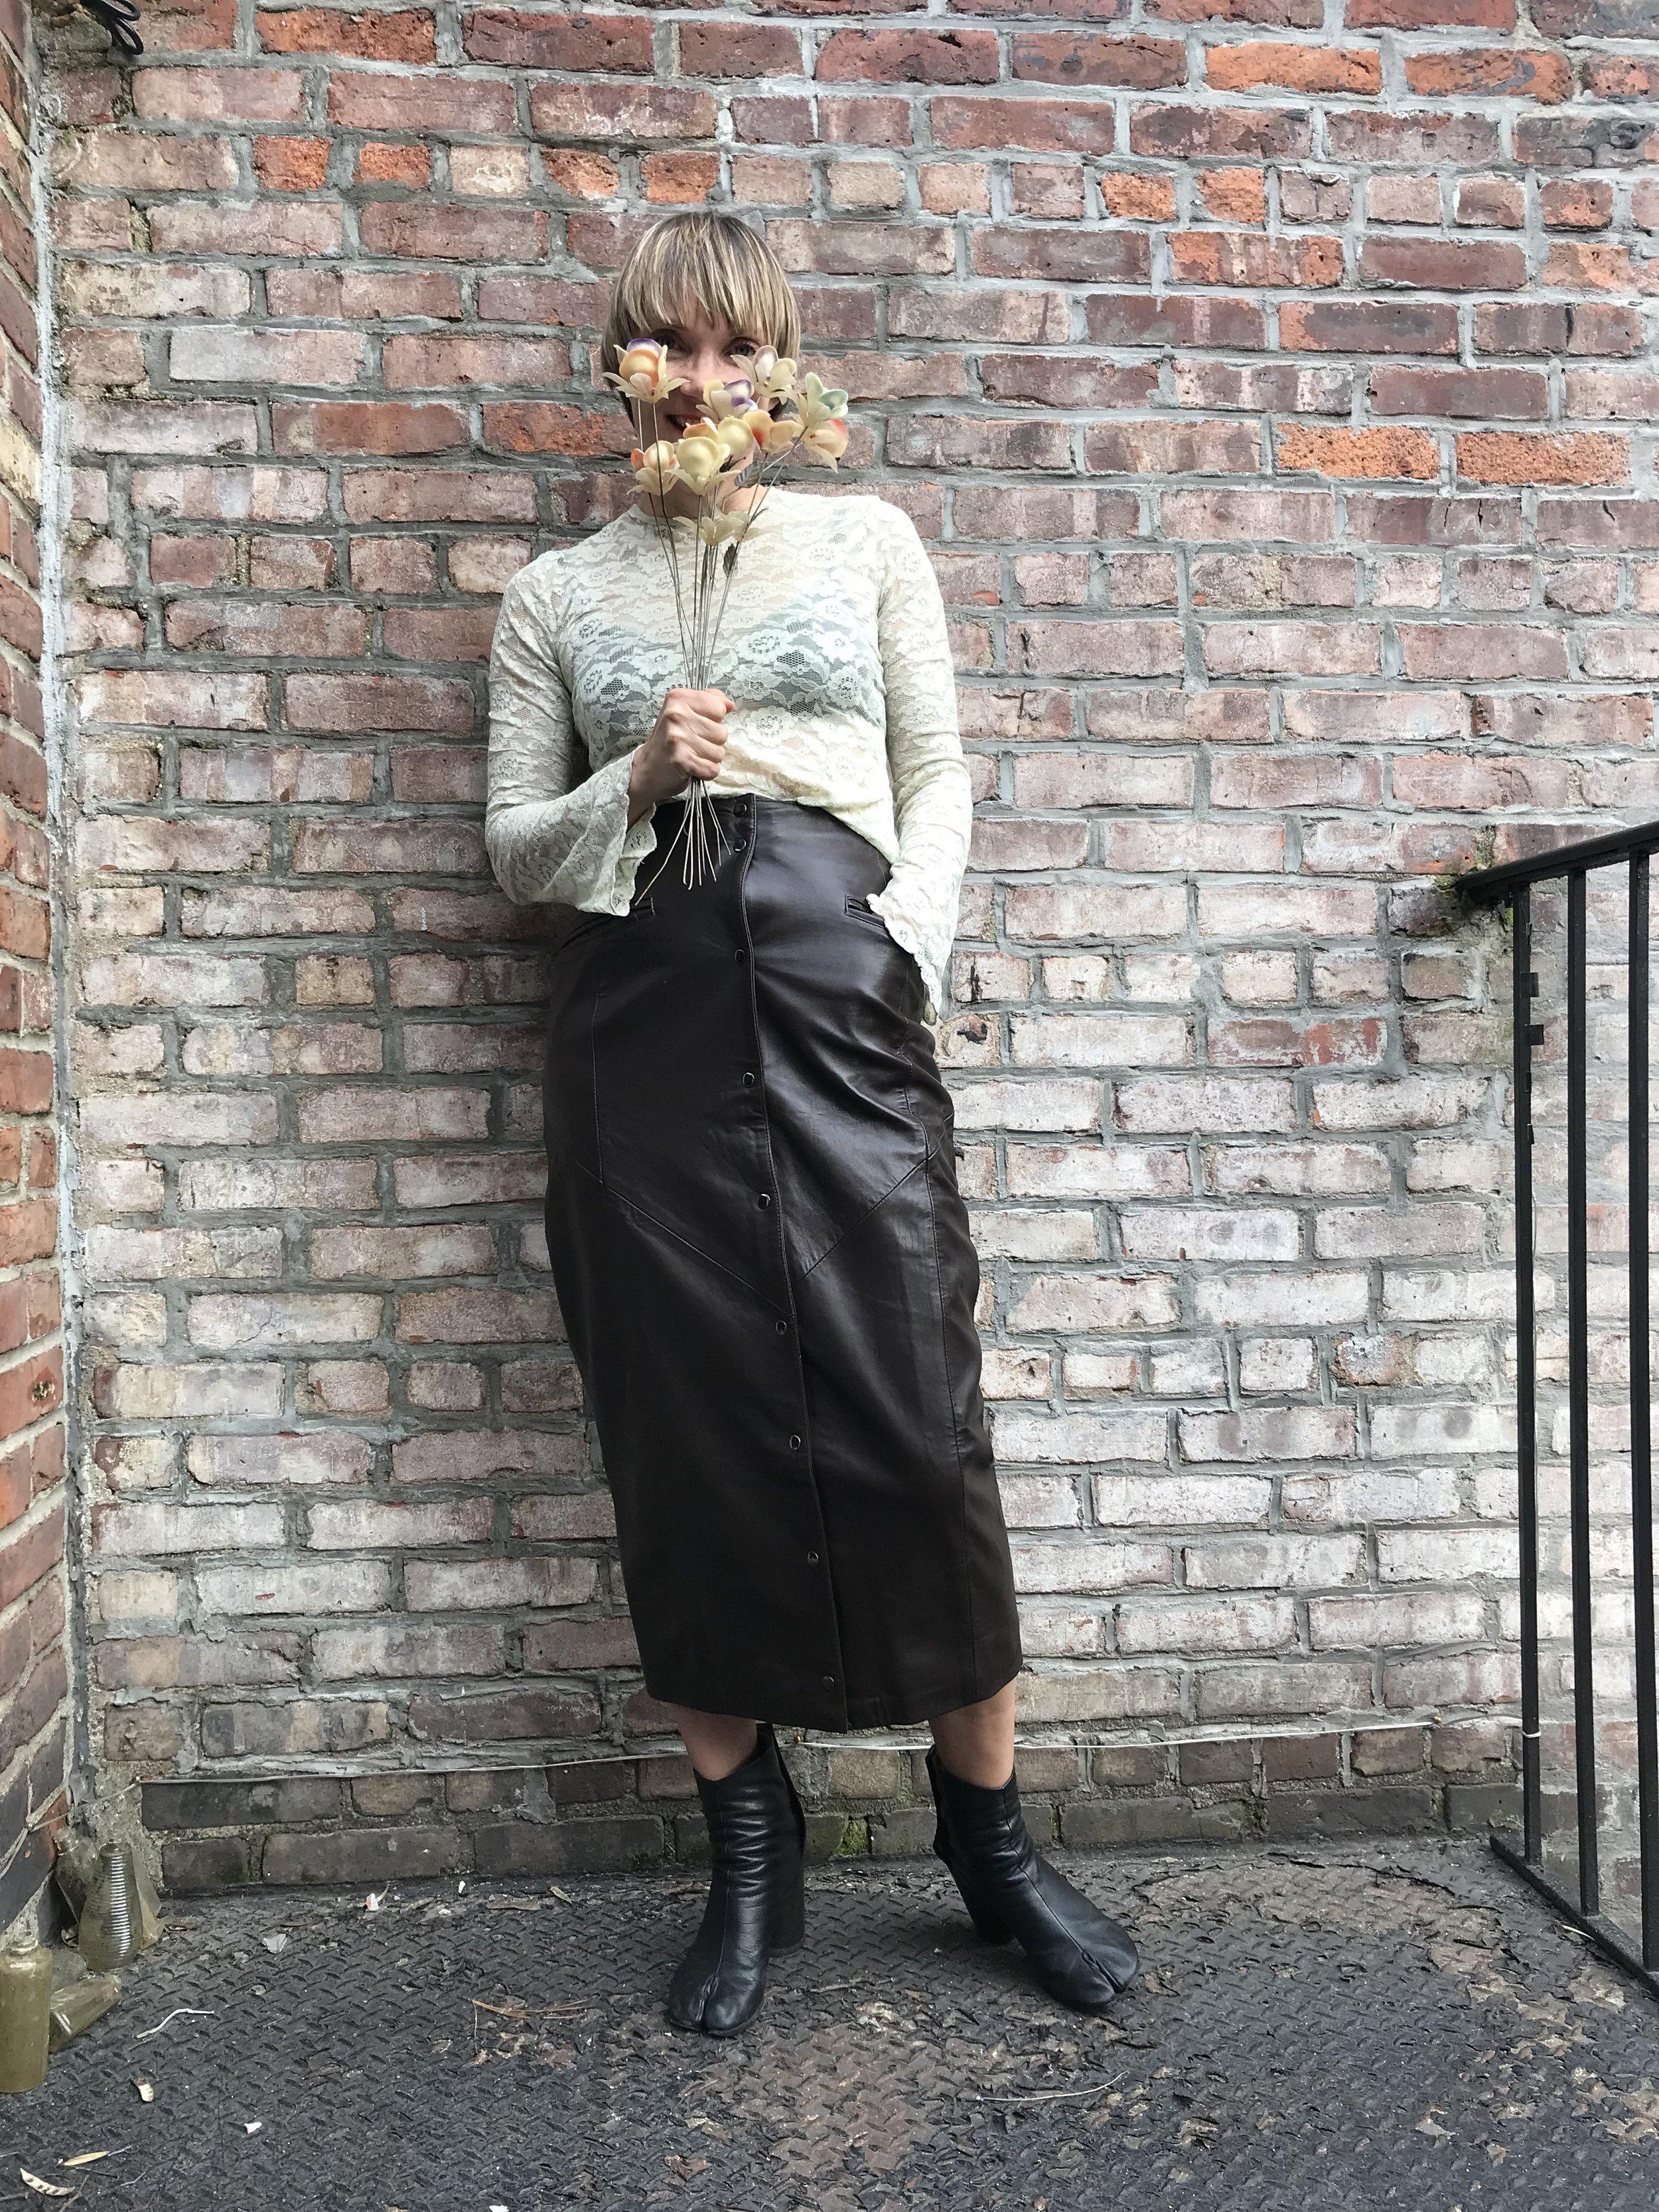 LIISA JOKINEN - STREET STYLE PHOTOGRAPHER, WRITER, ENTREPRENEUR, AND VINTAGE LOVER